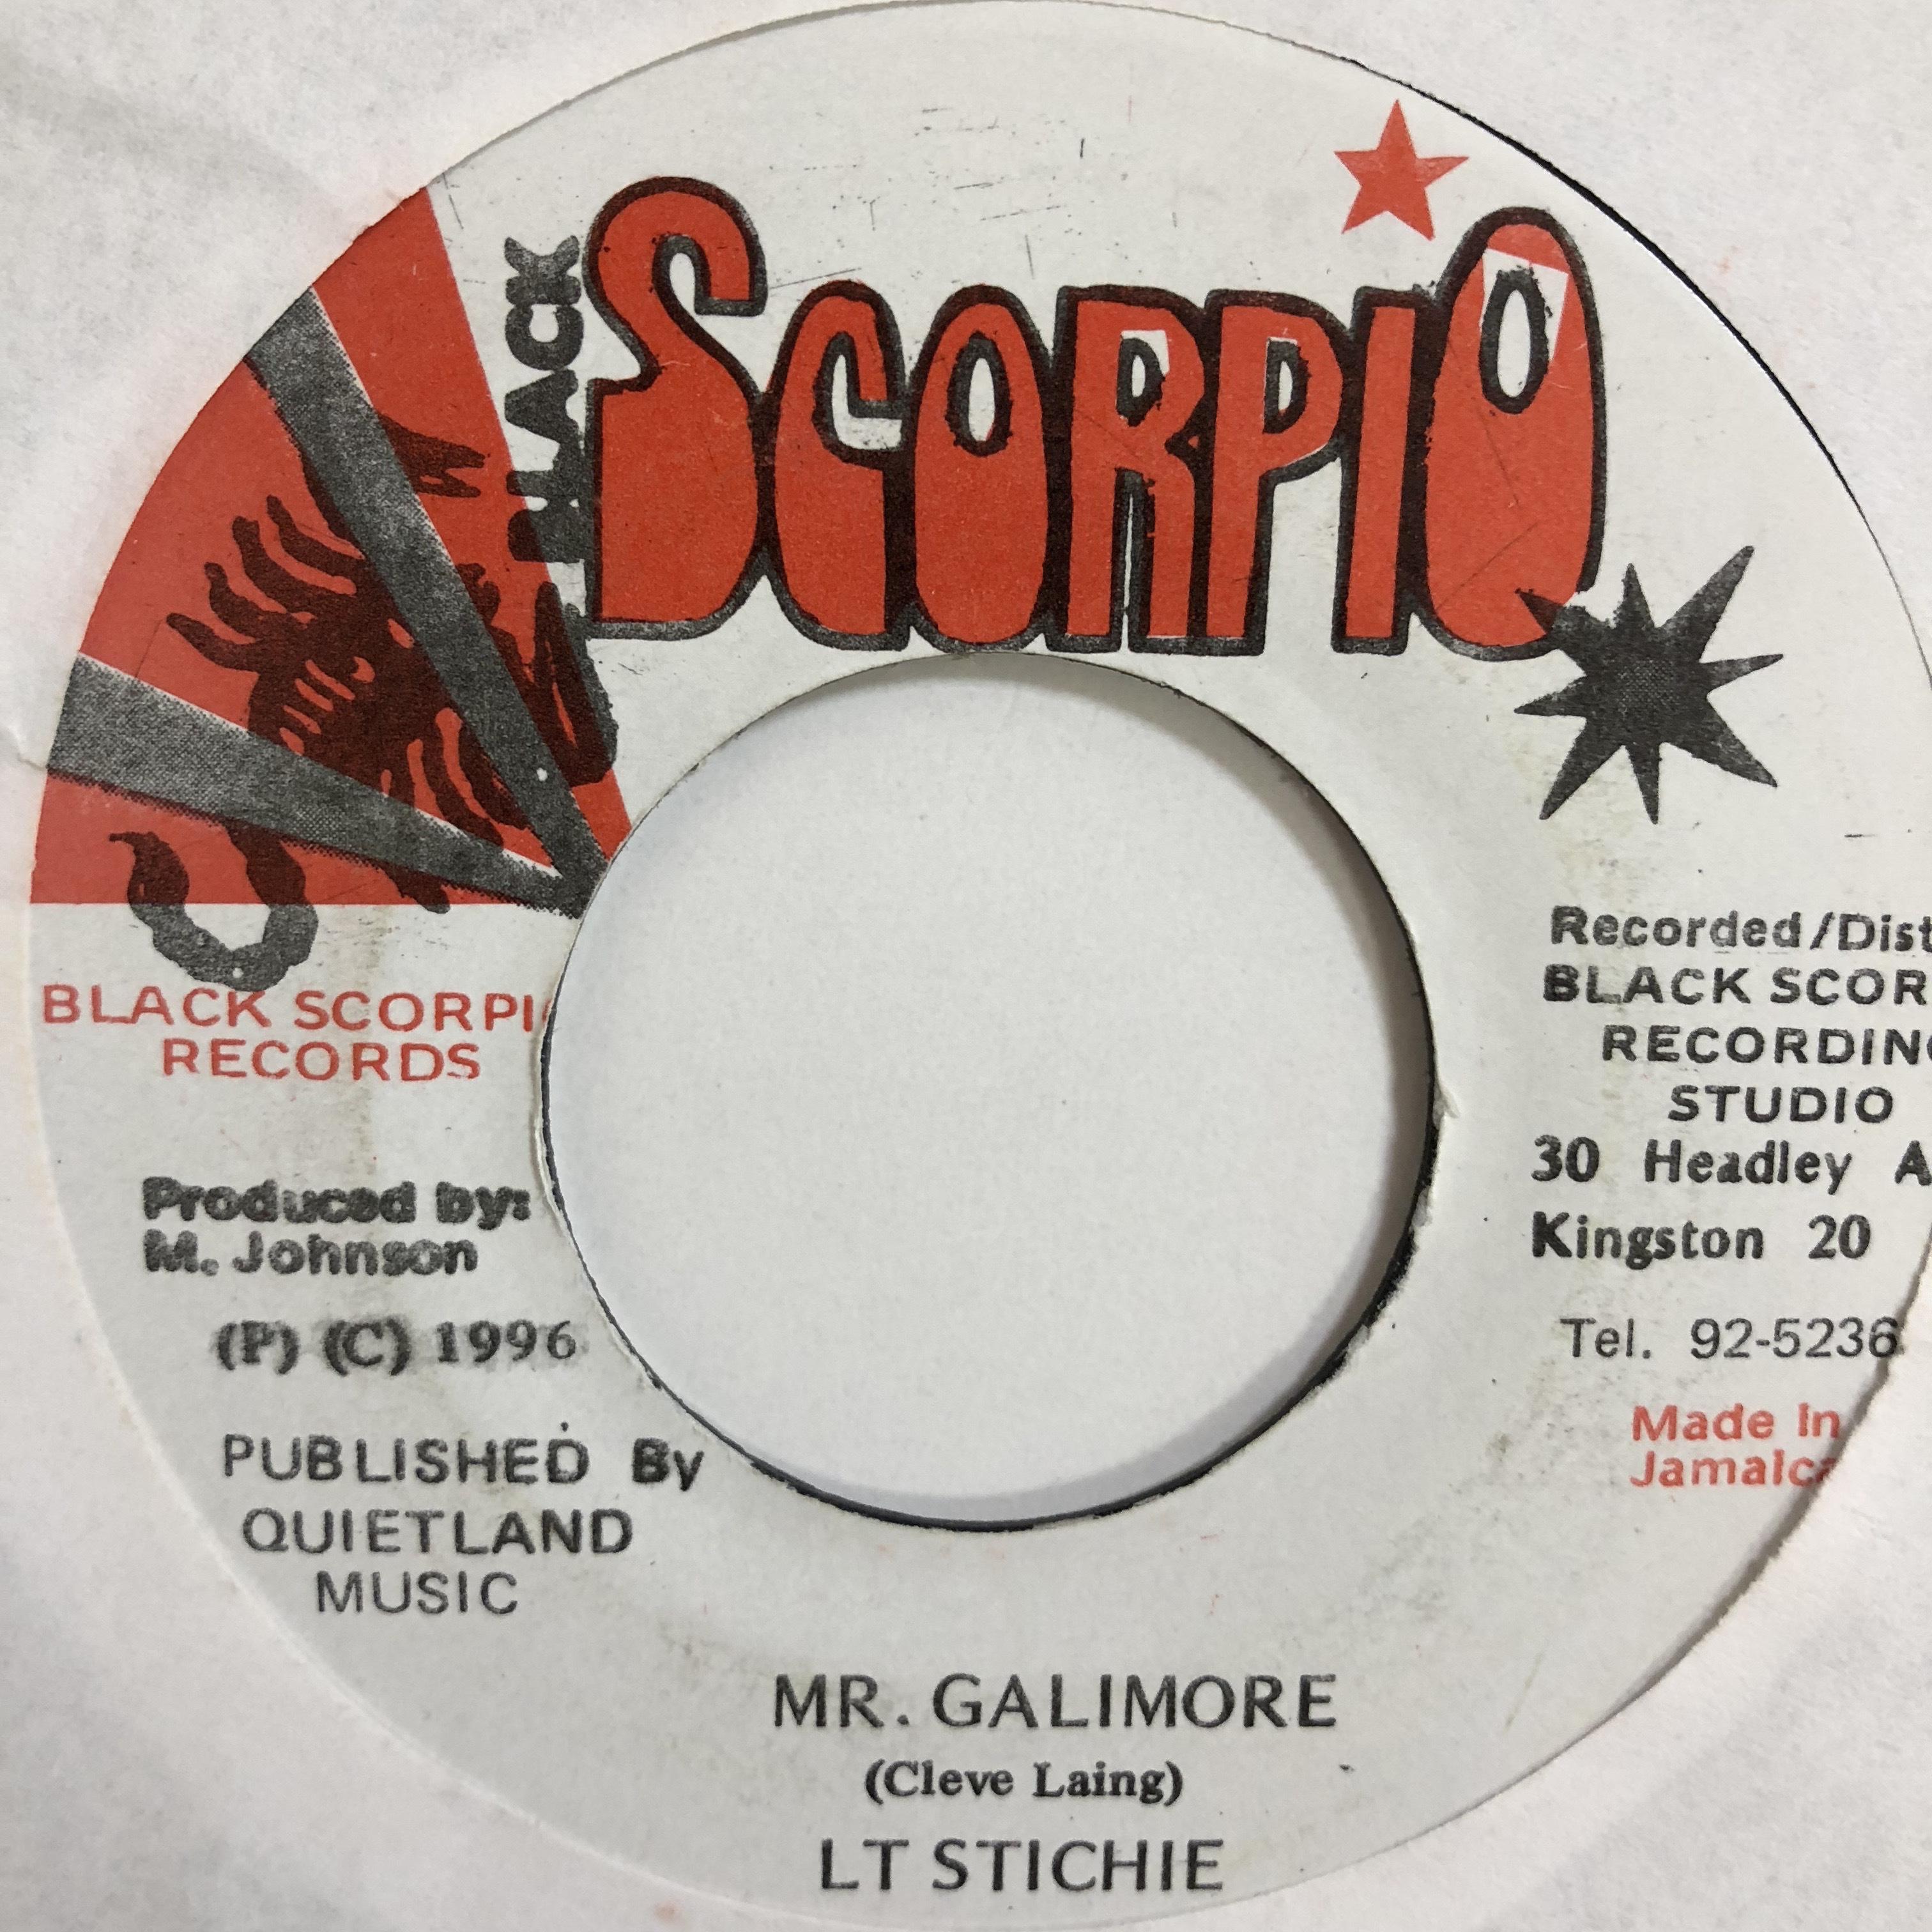 Lt. Stitchie - Mr. Galimore【7-10754】